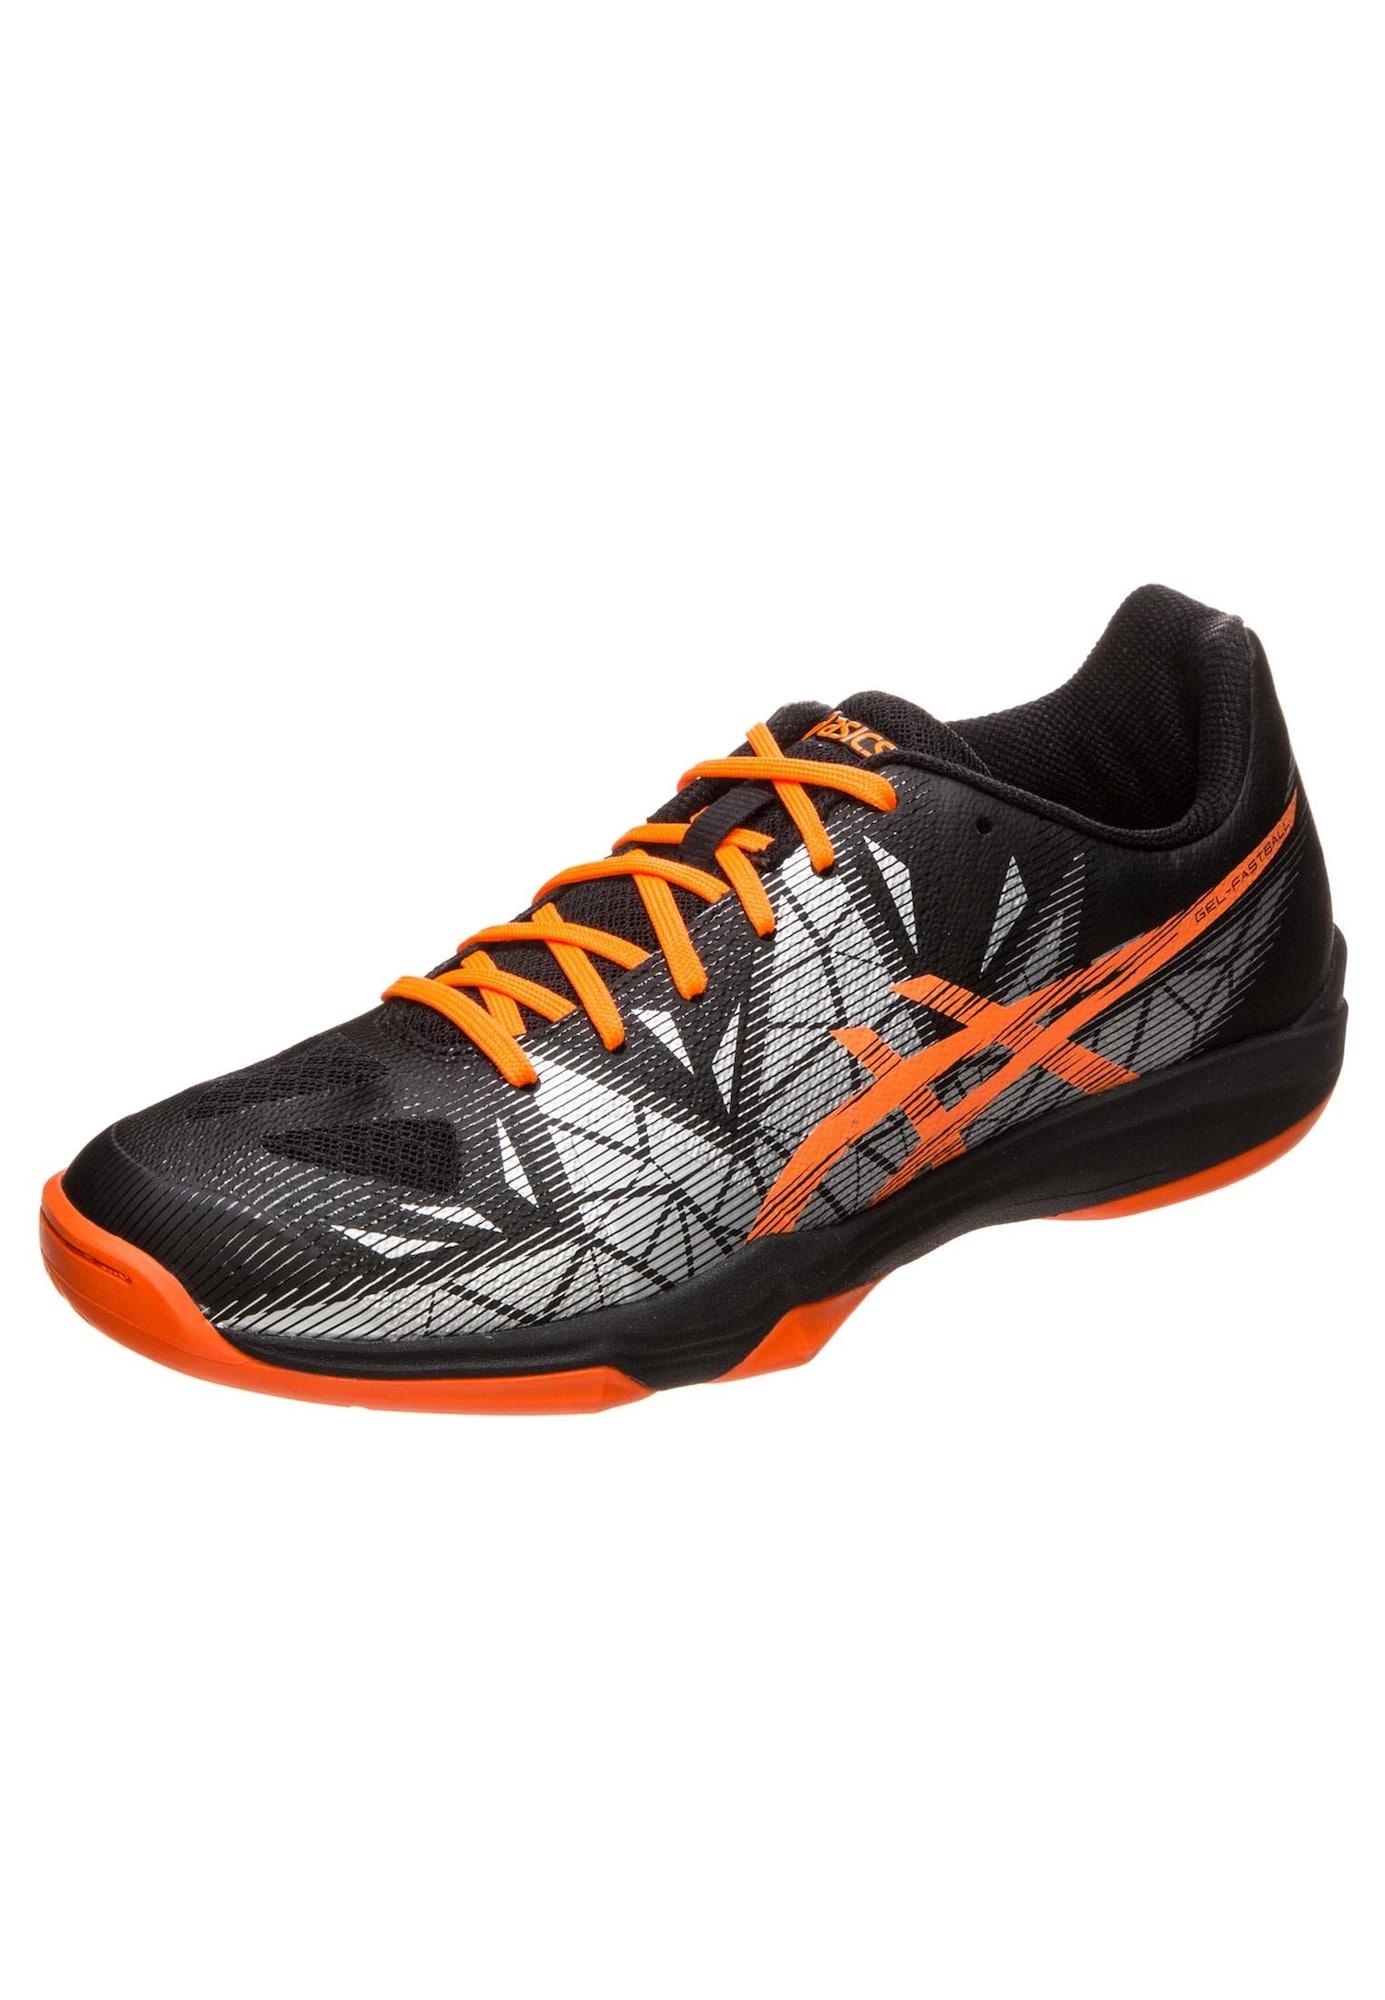 Handballschuhe 'Gel-Fastball 3' | Schuhe > Sportschuhe > Handballschuhe | ASICS